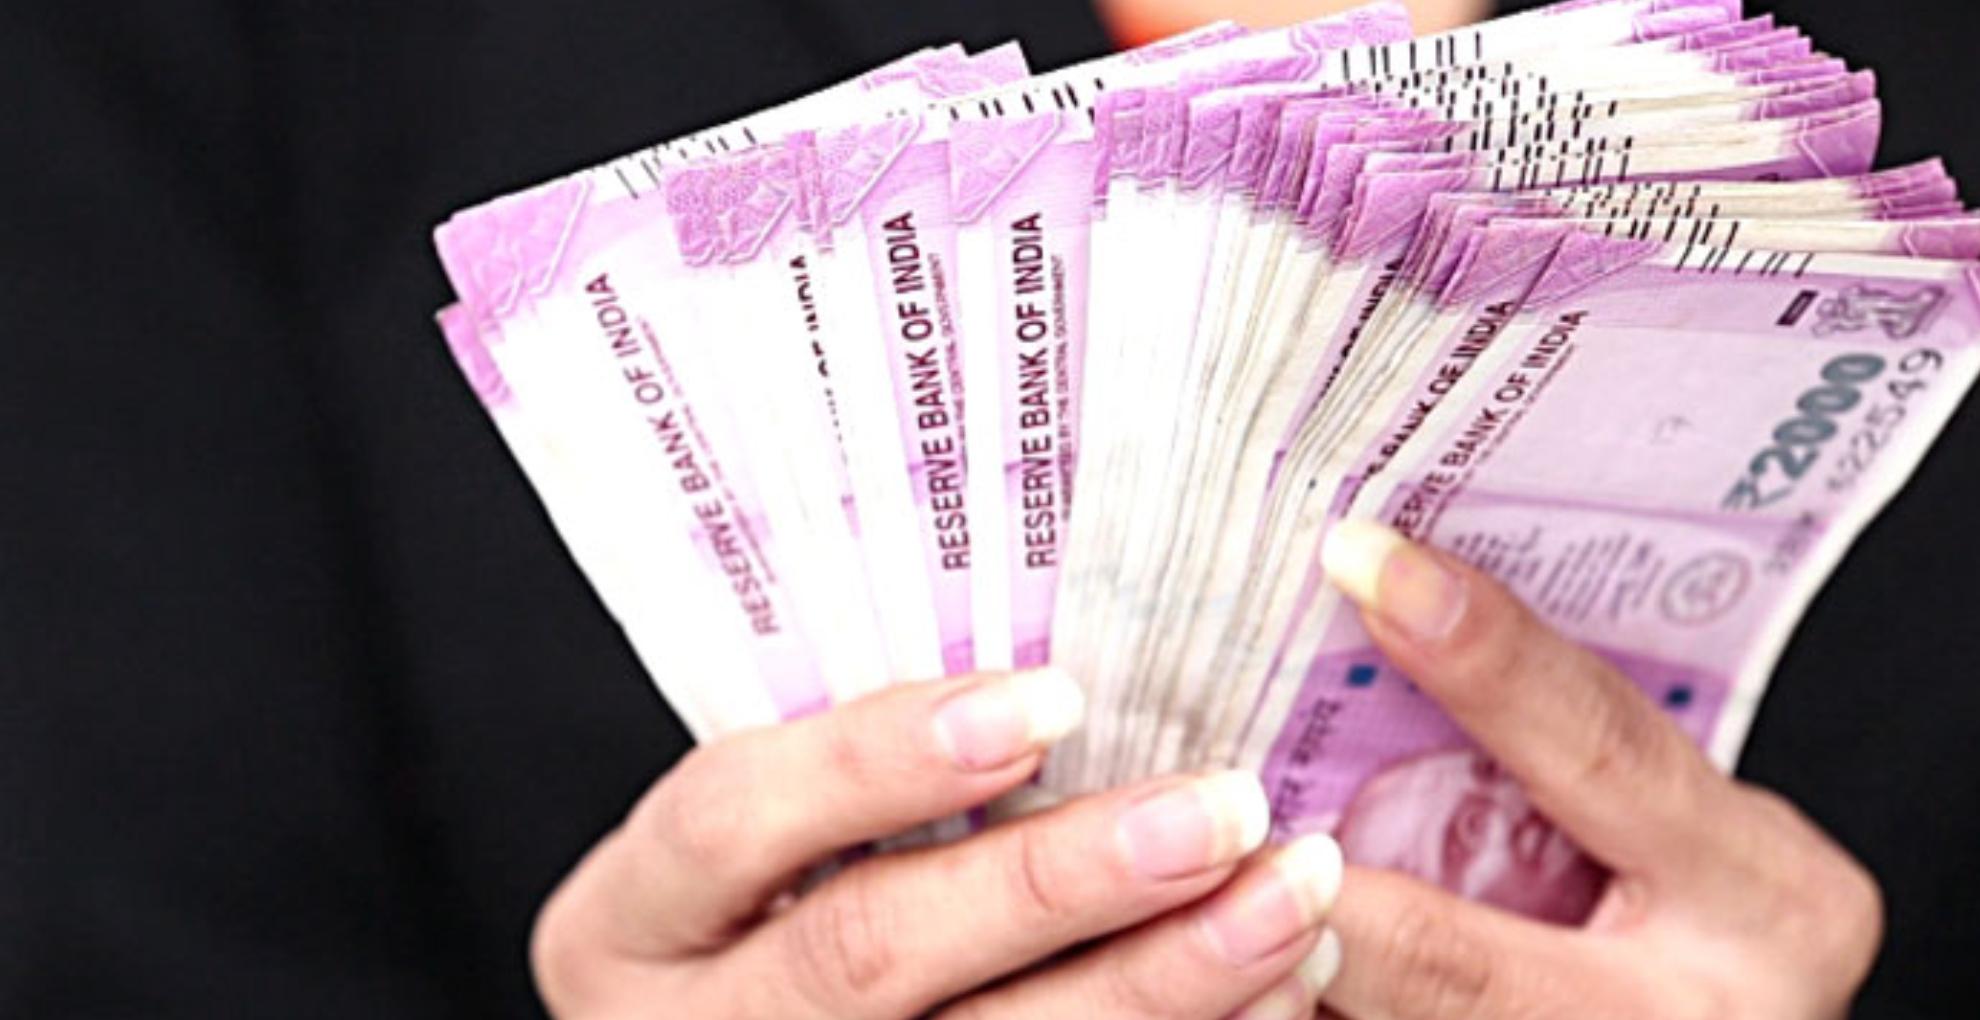 Kerala Lottery Result Out: लॉटरी की बढ़ी प्राइज मनी, जानिए कौन हुआ मालामाल, किसने कमाए लाखों